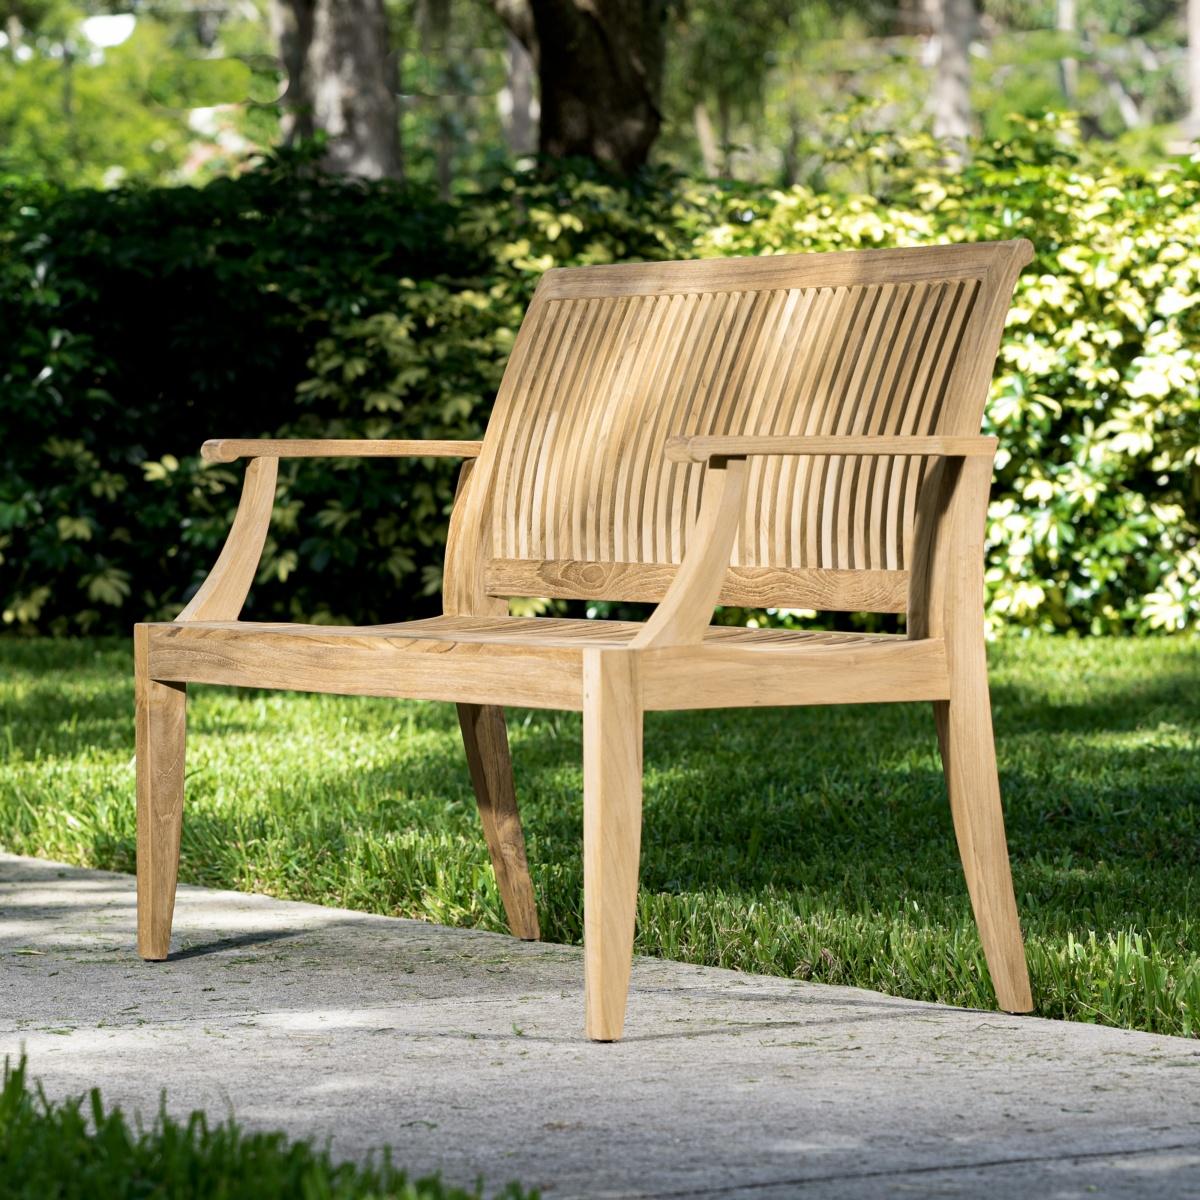 Laguna Teak Wood Bench 4 Ft Commercial Grade